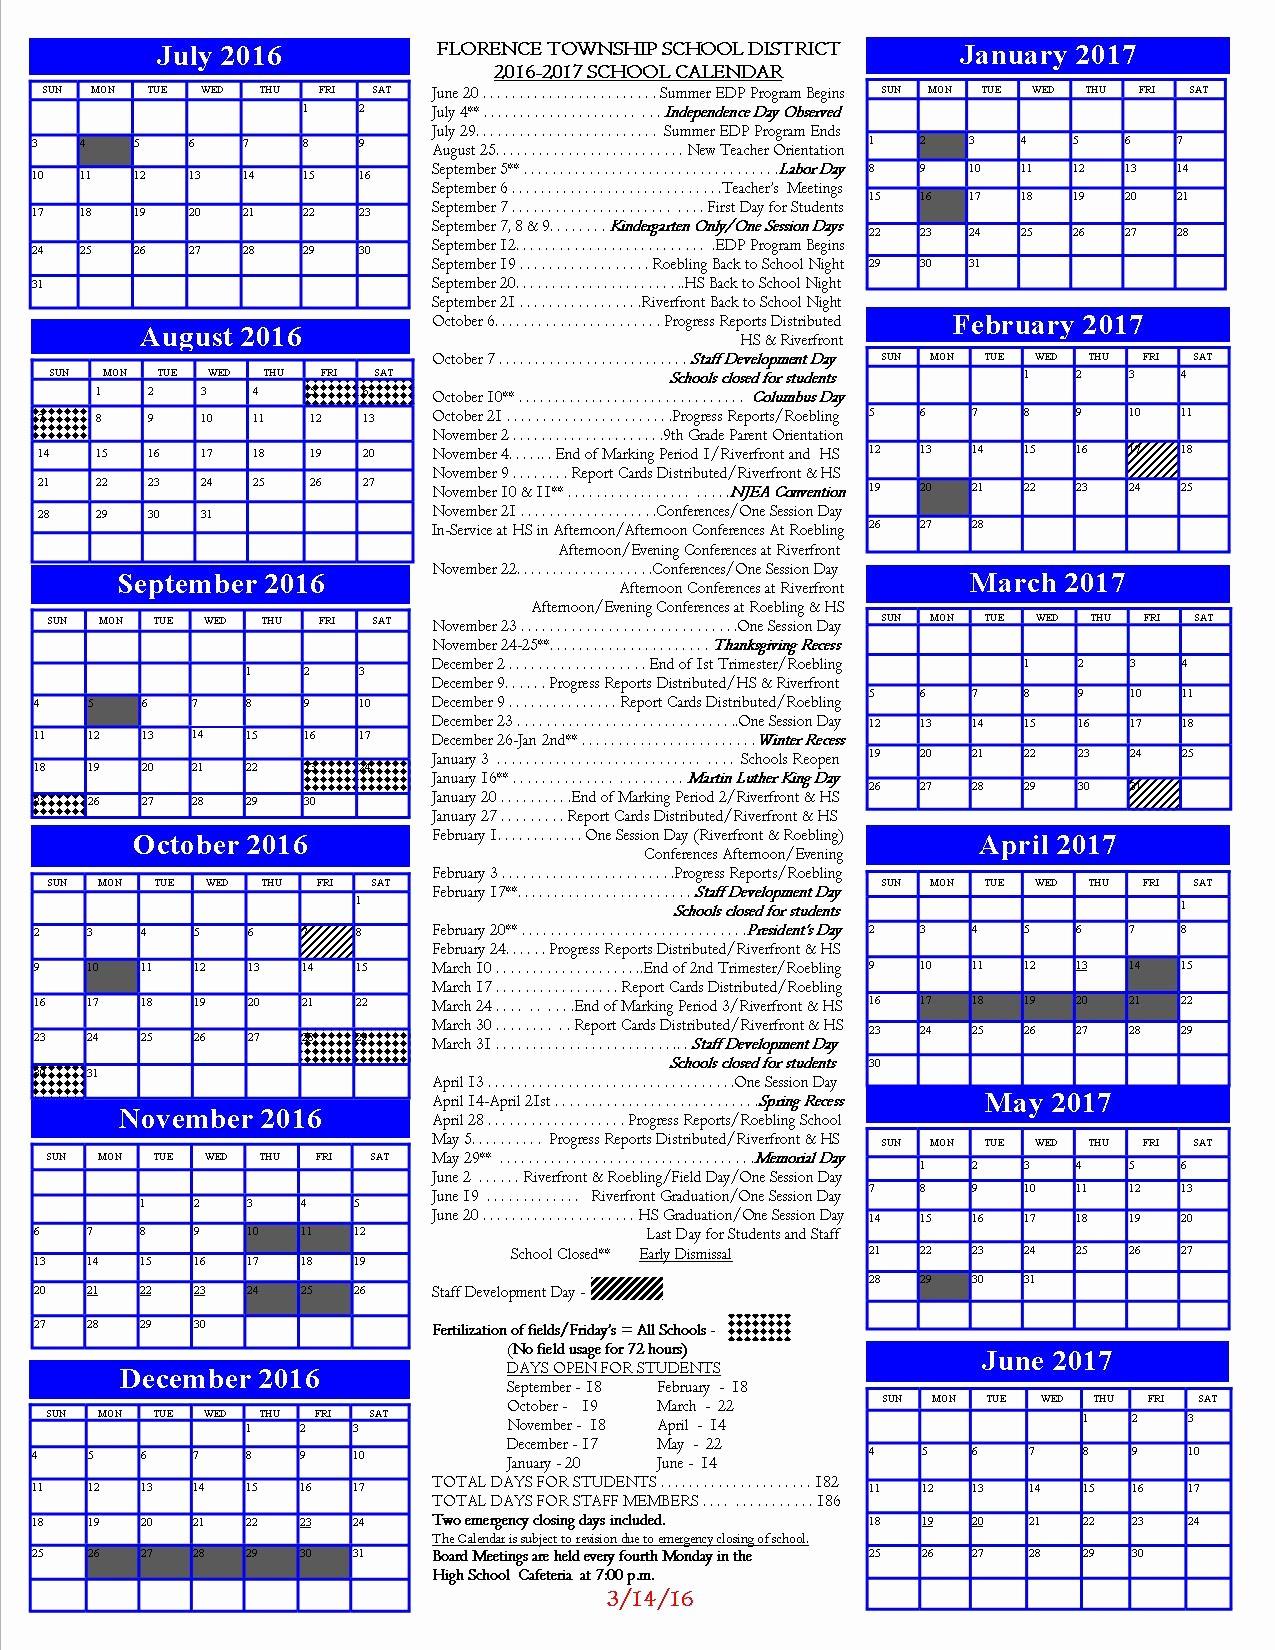 2016 2017 School Calendar Template Best Of 2016 2017 School Calendar Pcmac 2016 2017 School Calendar